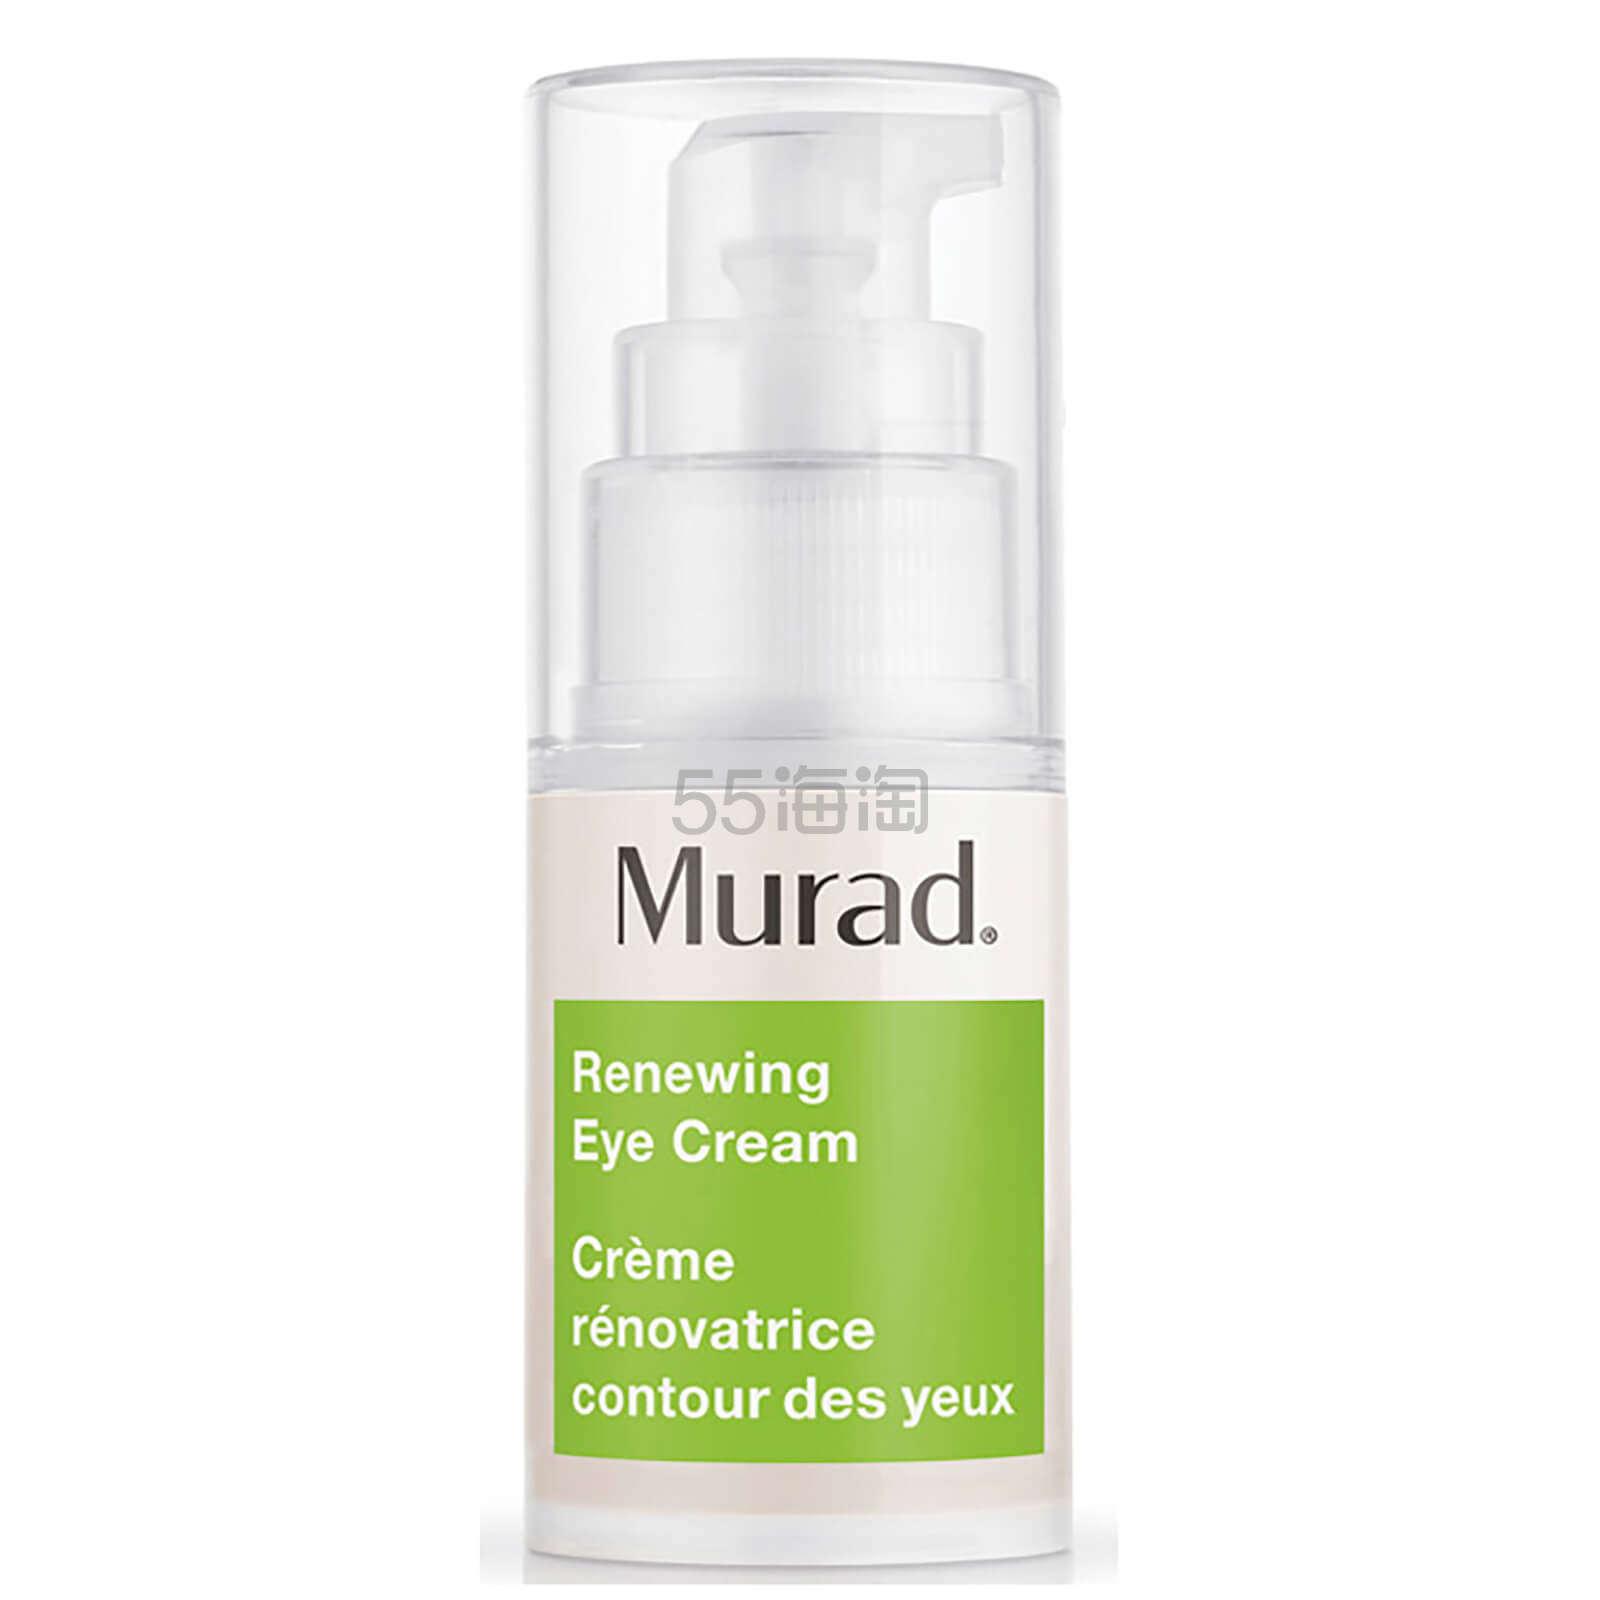 【1件免费直邮】Murad 慕拉/慕勒 视黄醇青春修护眼霜 15ml £50.7(约439元) - 海淘优惠海淘折扣|55海淘网